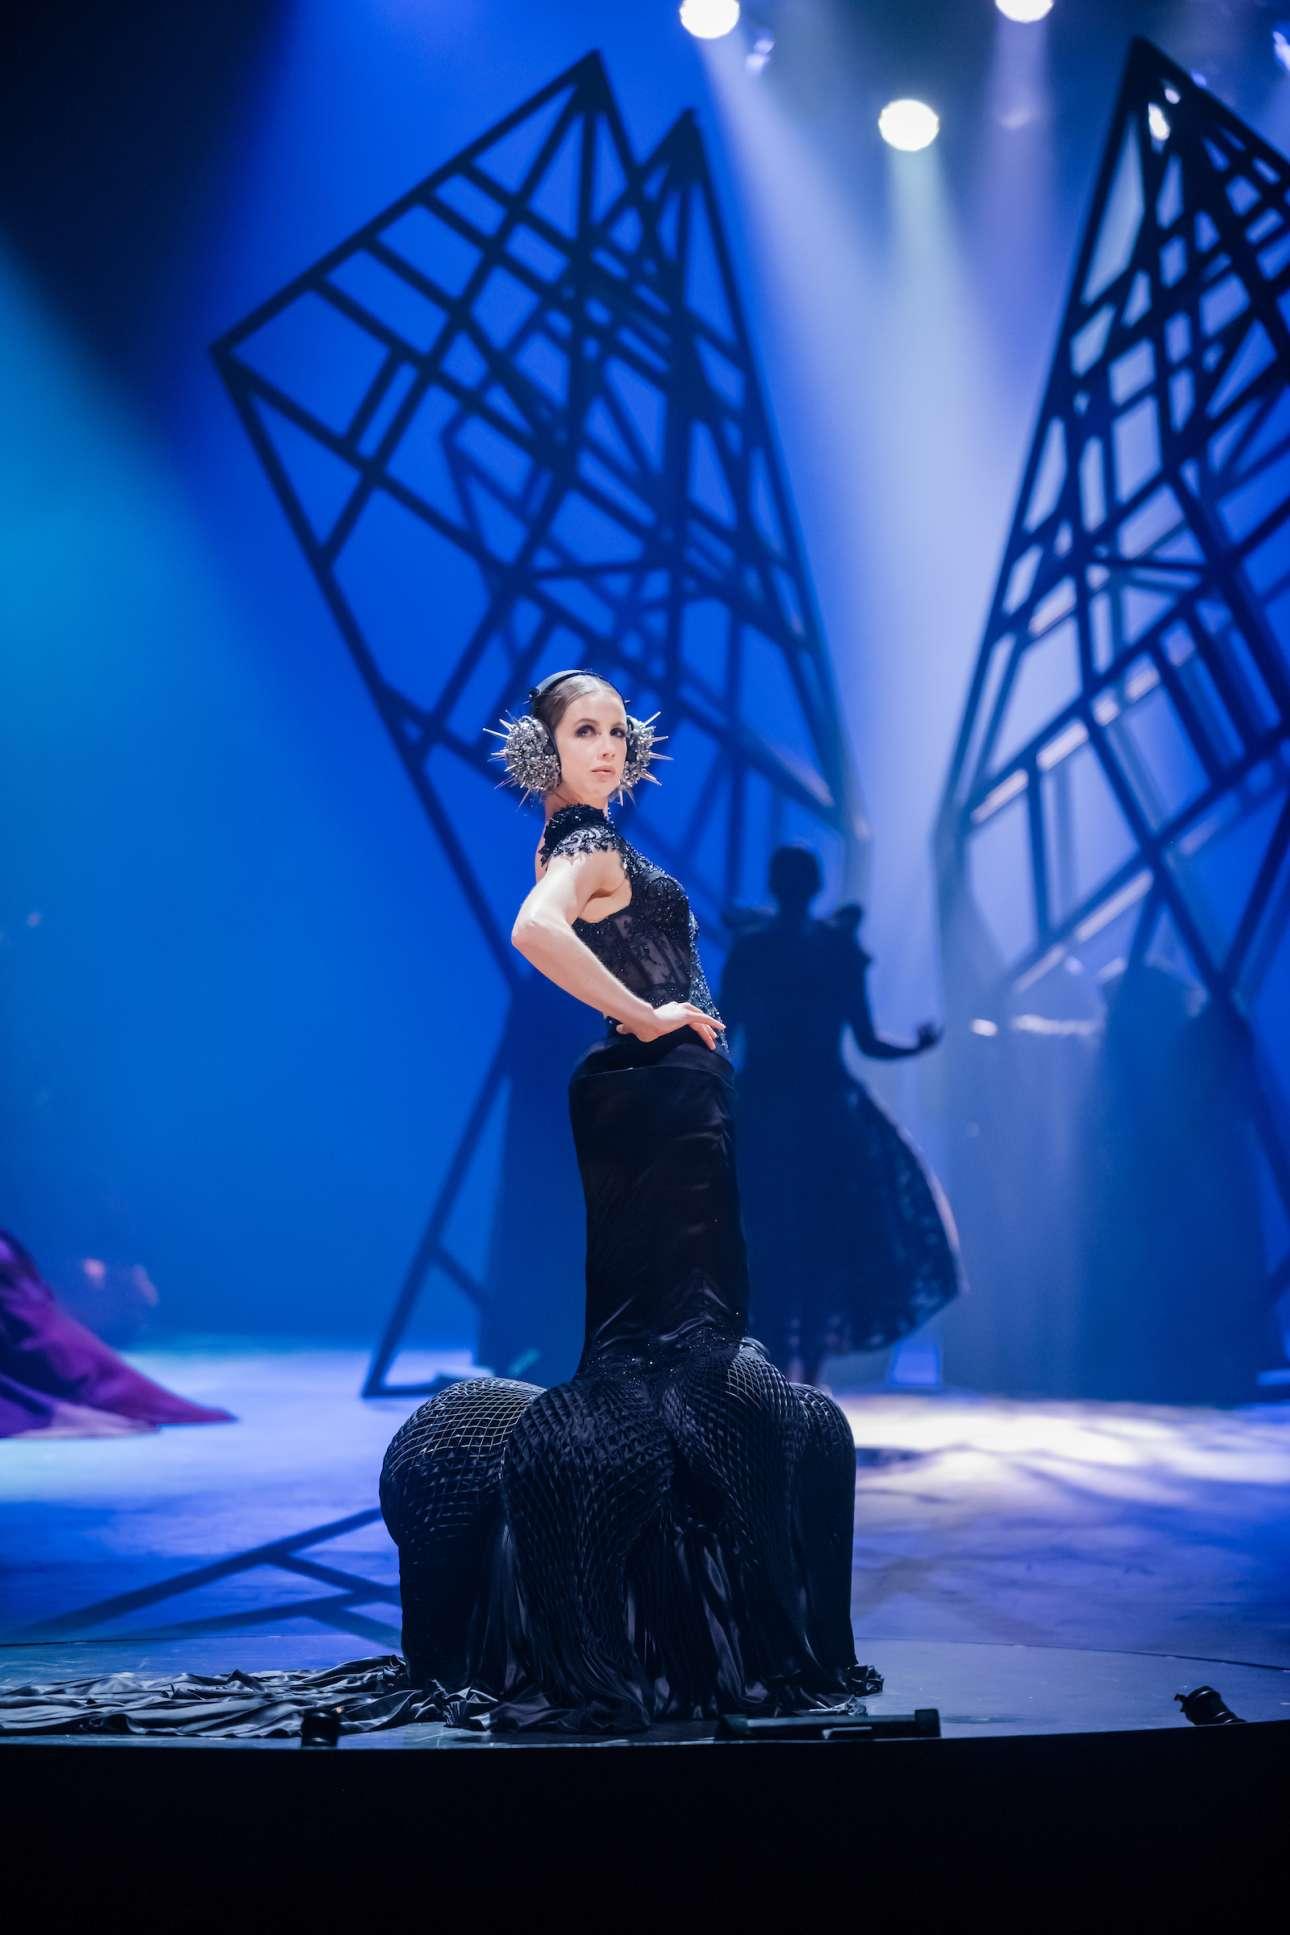 Η Νάταλι Χάτον μετατρέπει σε φόρεμα την αίσθηση του να ακούς μουσική και να ανατριχιάζεις, με τη βοήθεια 50 μέτρων μεταξιού ραμμένo προσεκτικά στο χέρι